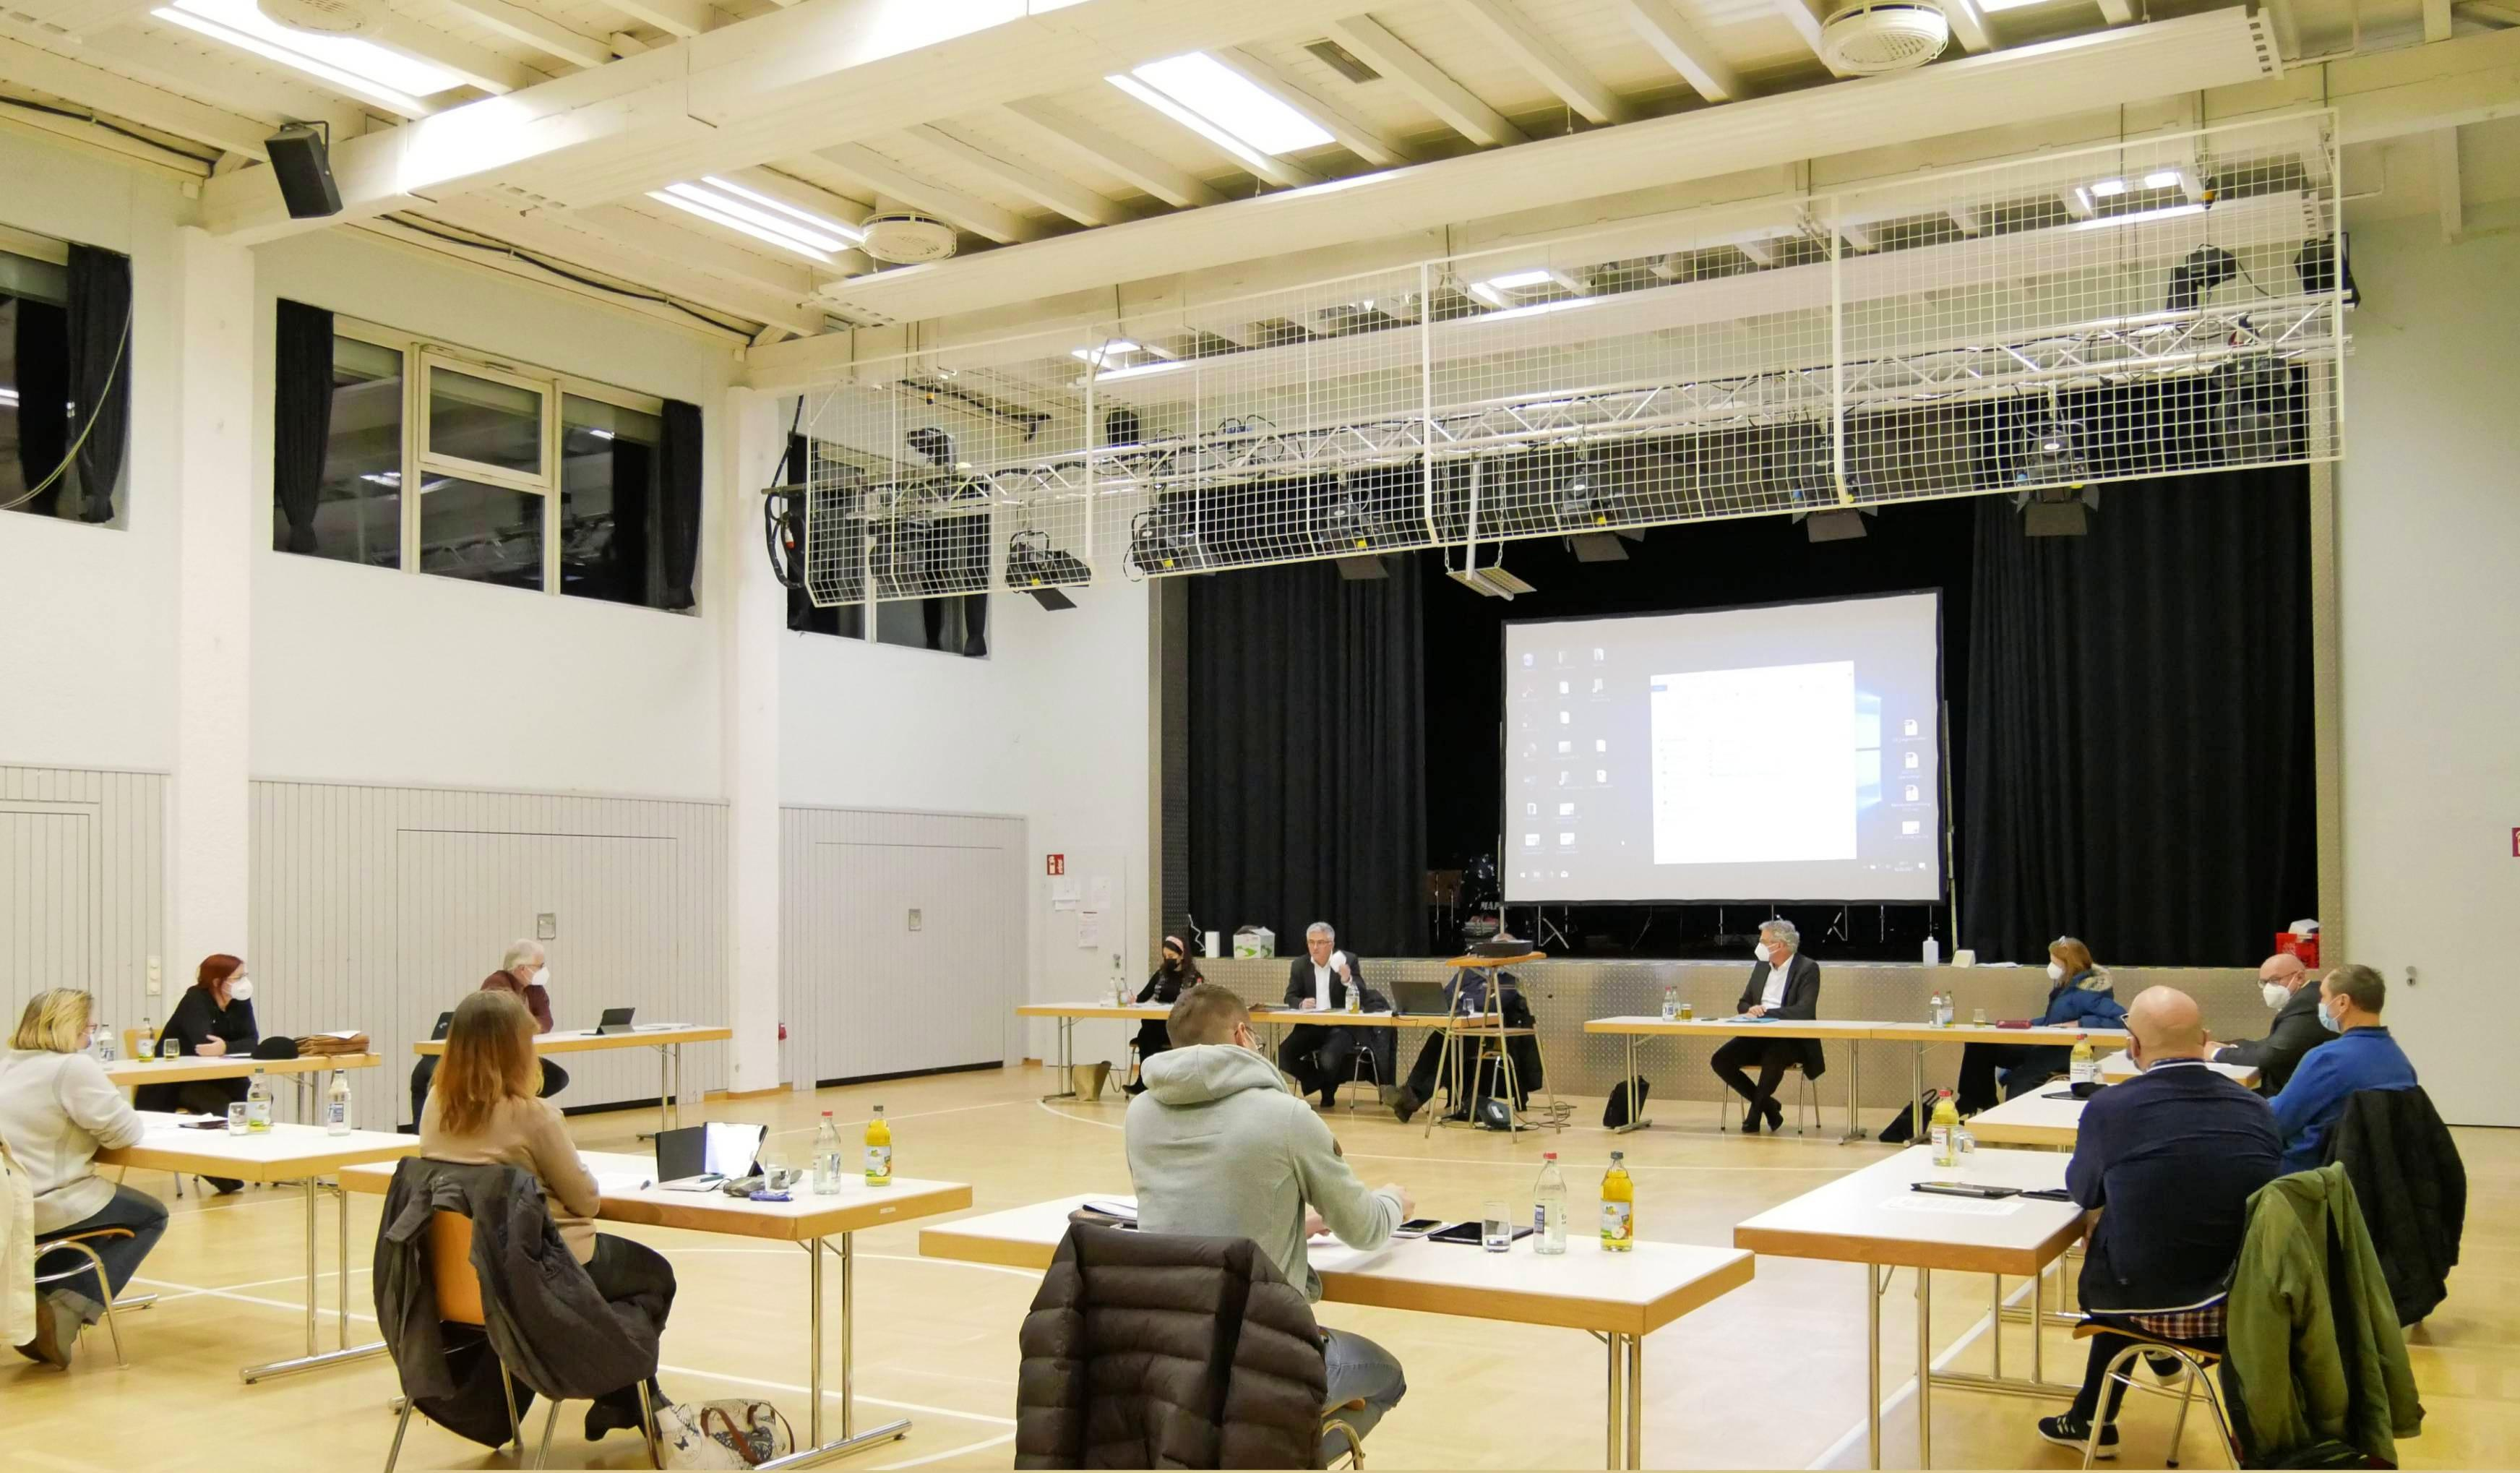 In der Vorberatung empfahl der Obereisesheimer Ortschaftsrat dem Gemeinderat Neckarsulm, den neuen Haushaltsplan zu beschließen.